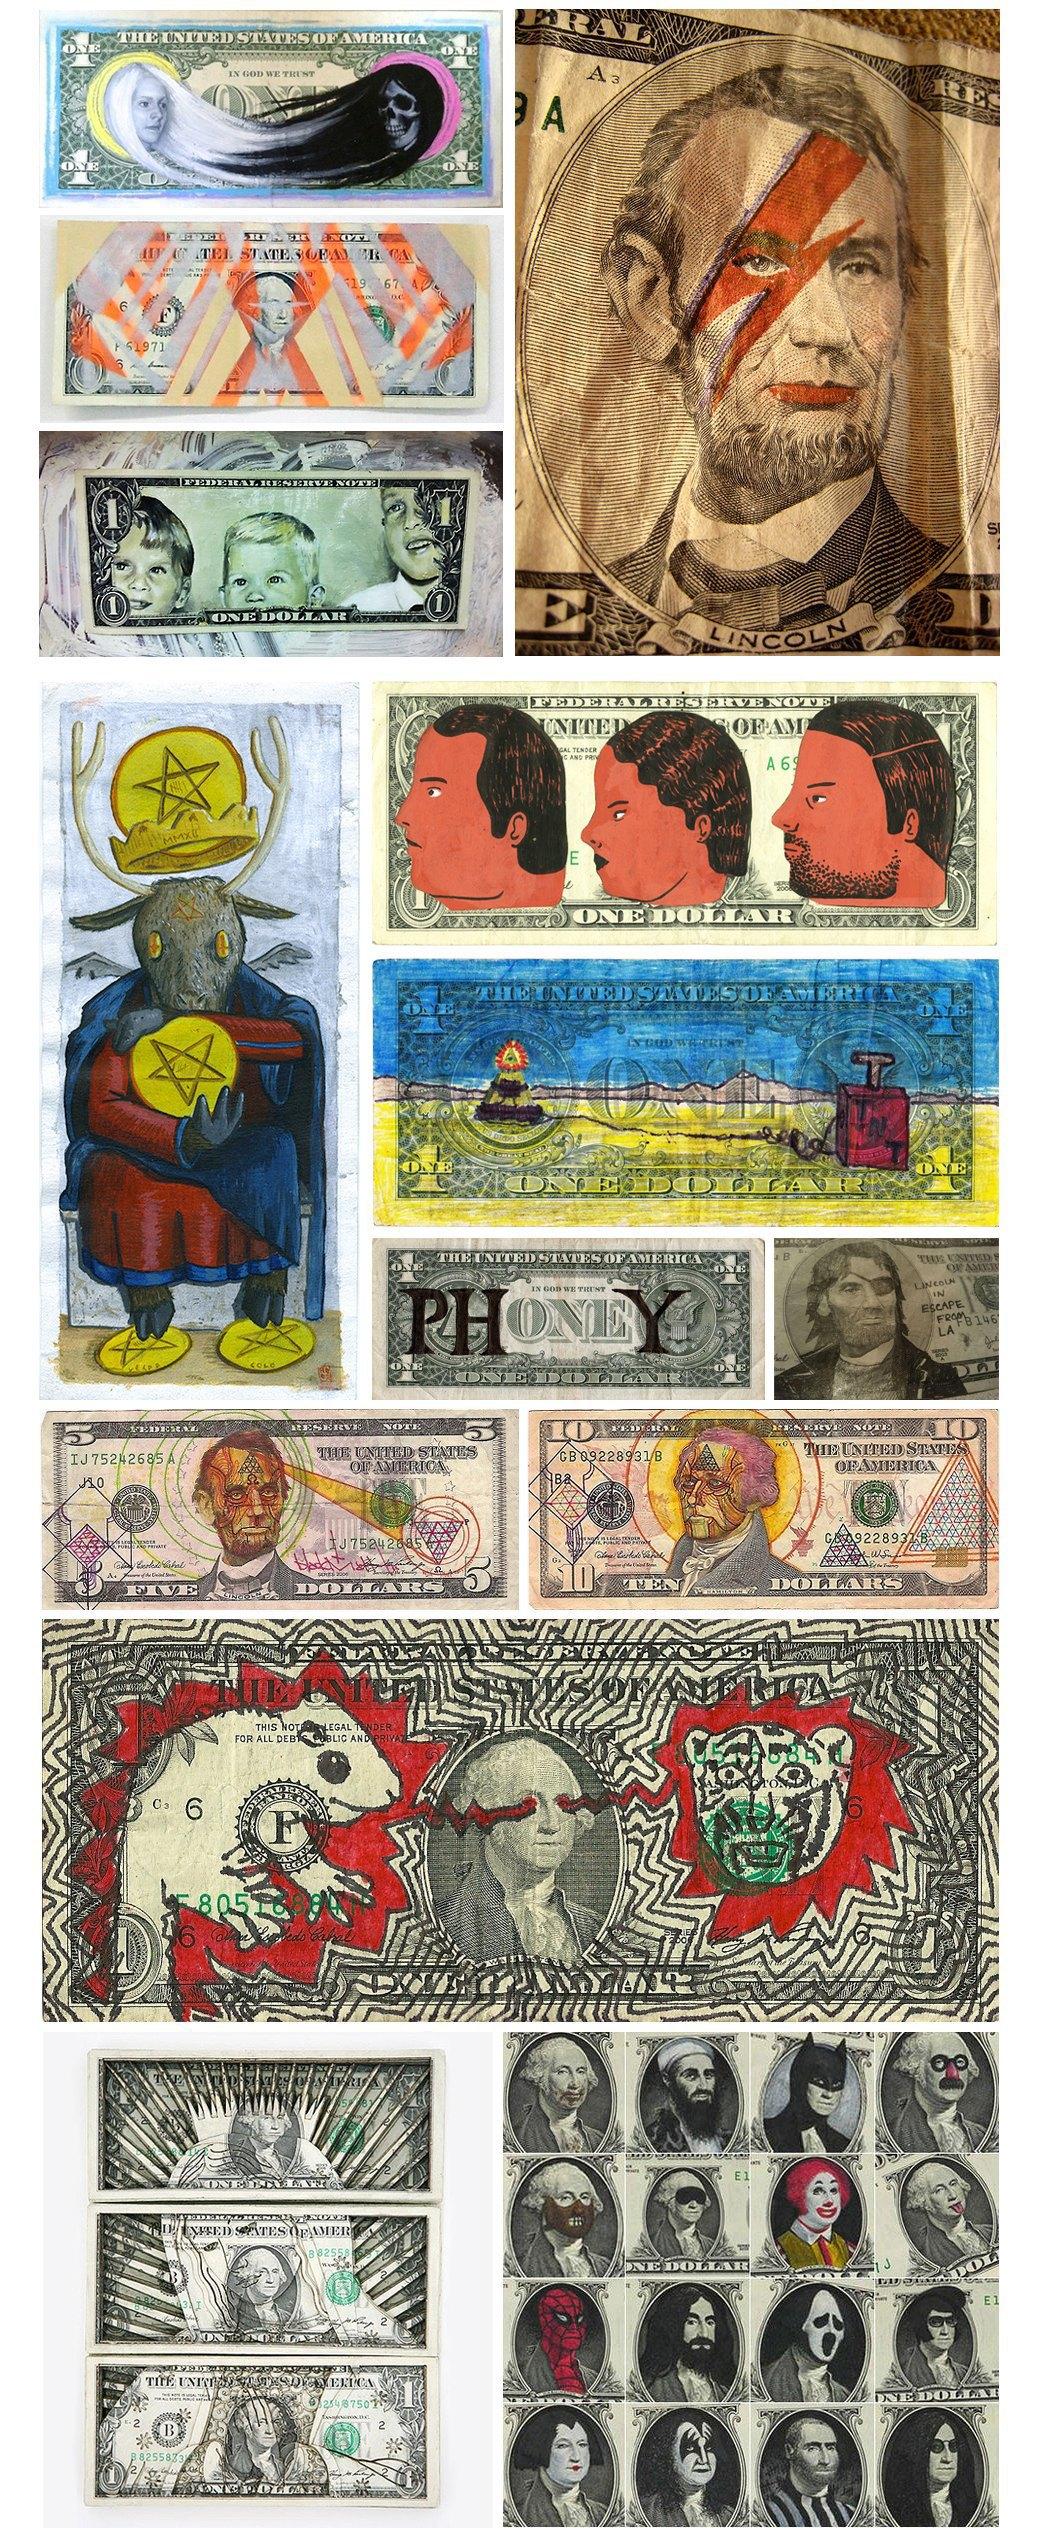 Искусство как федеральное преступление: Художники, которые рисуют на долларах. Изображение № 1.